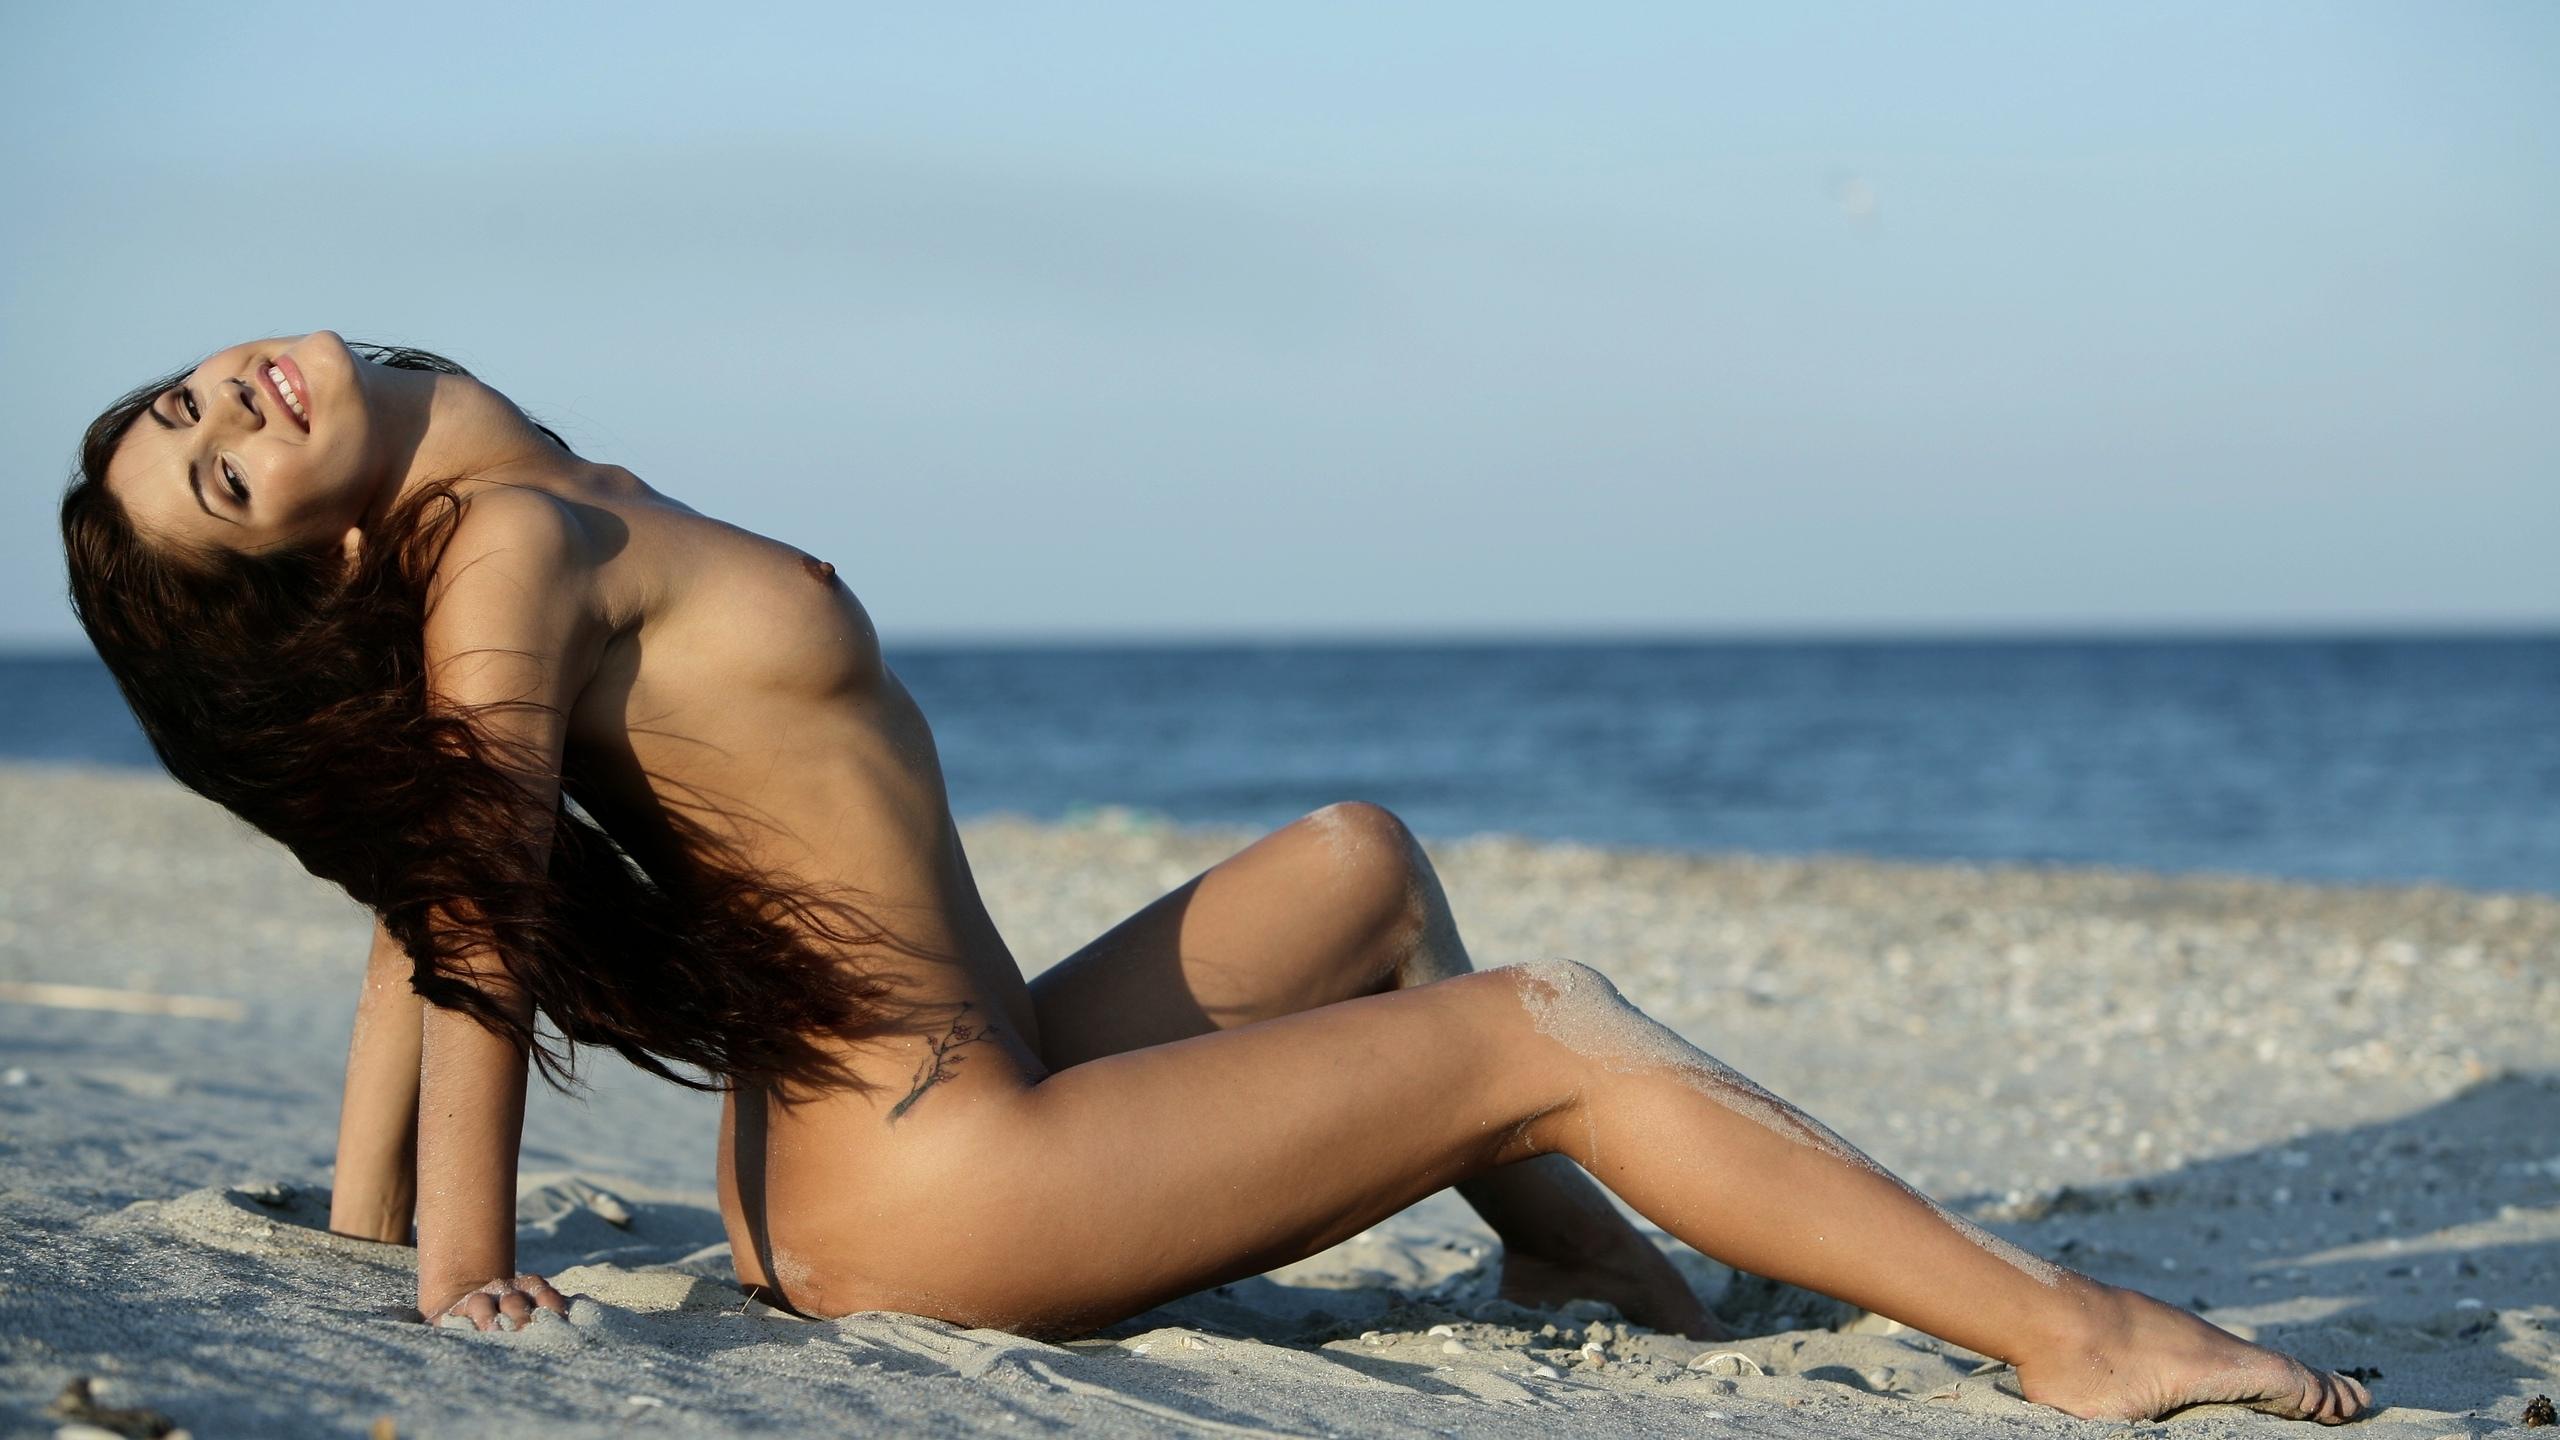 Обои голая девушка на пляже